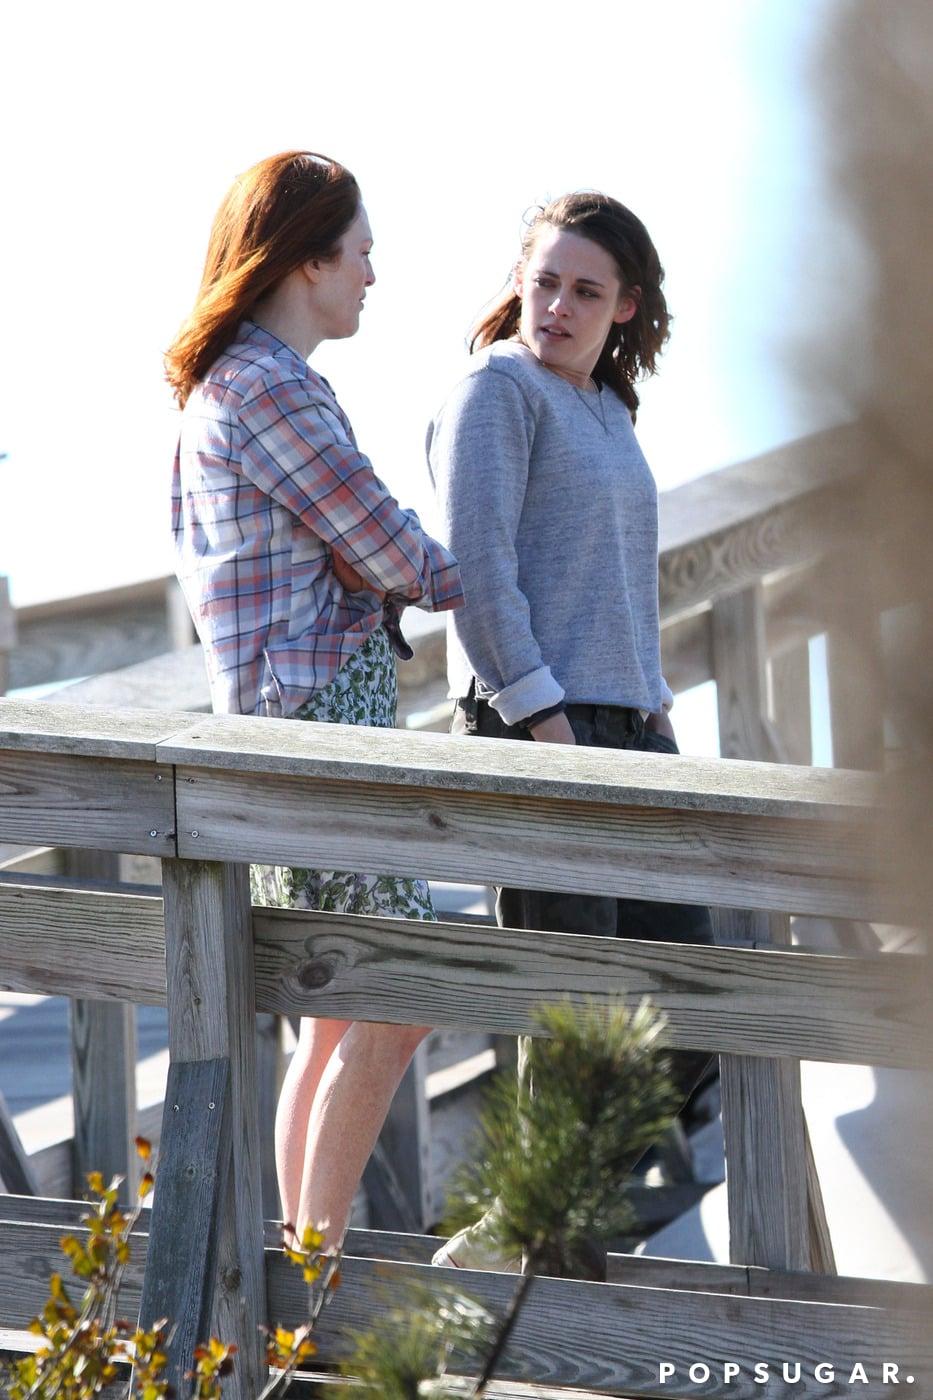 Julianne Moore Has a Way of Making Kristen Stewart Smile